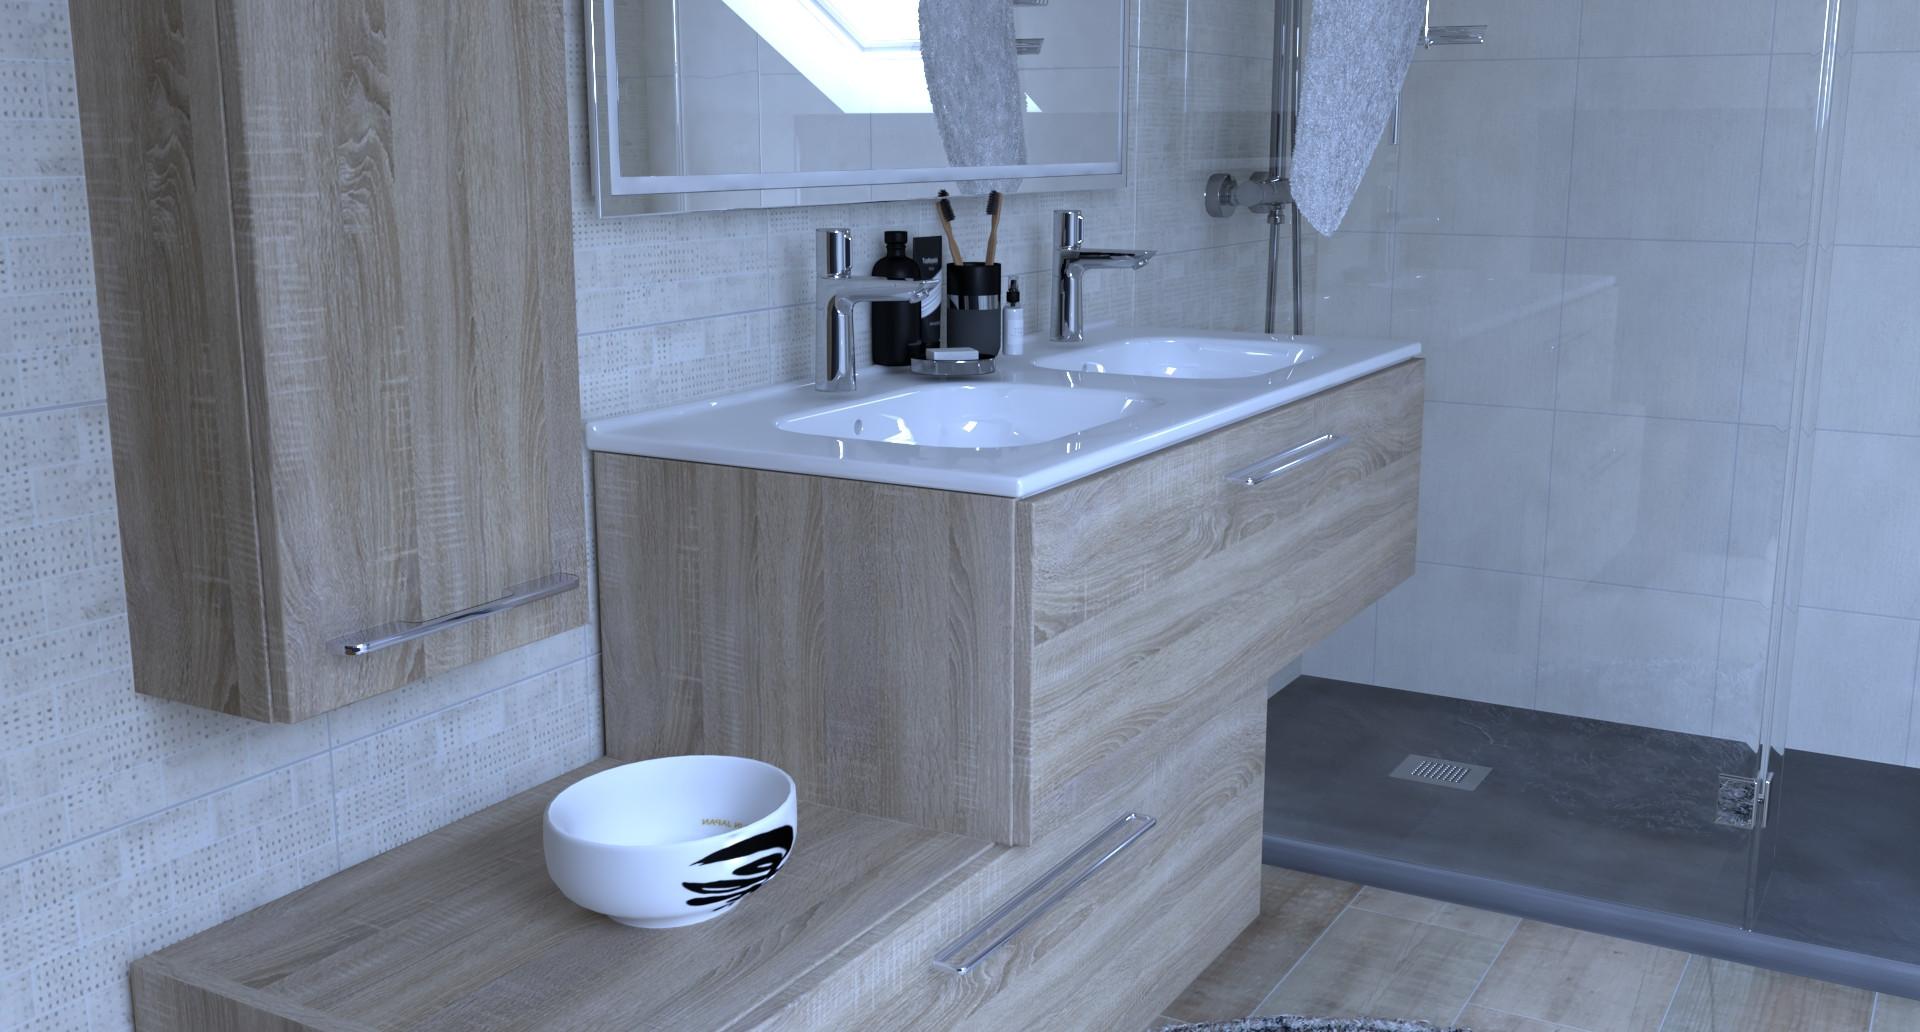 Salle de bain vue 3D photoréaliste